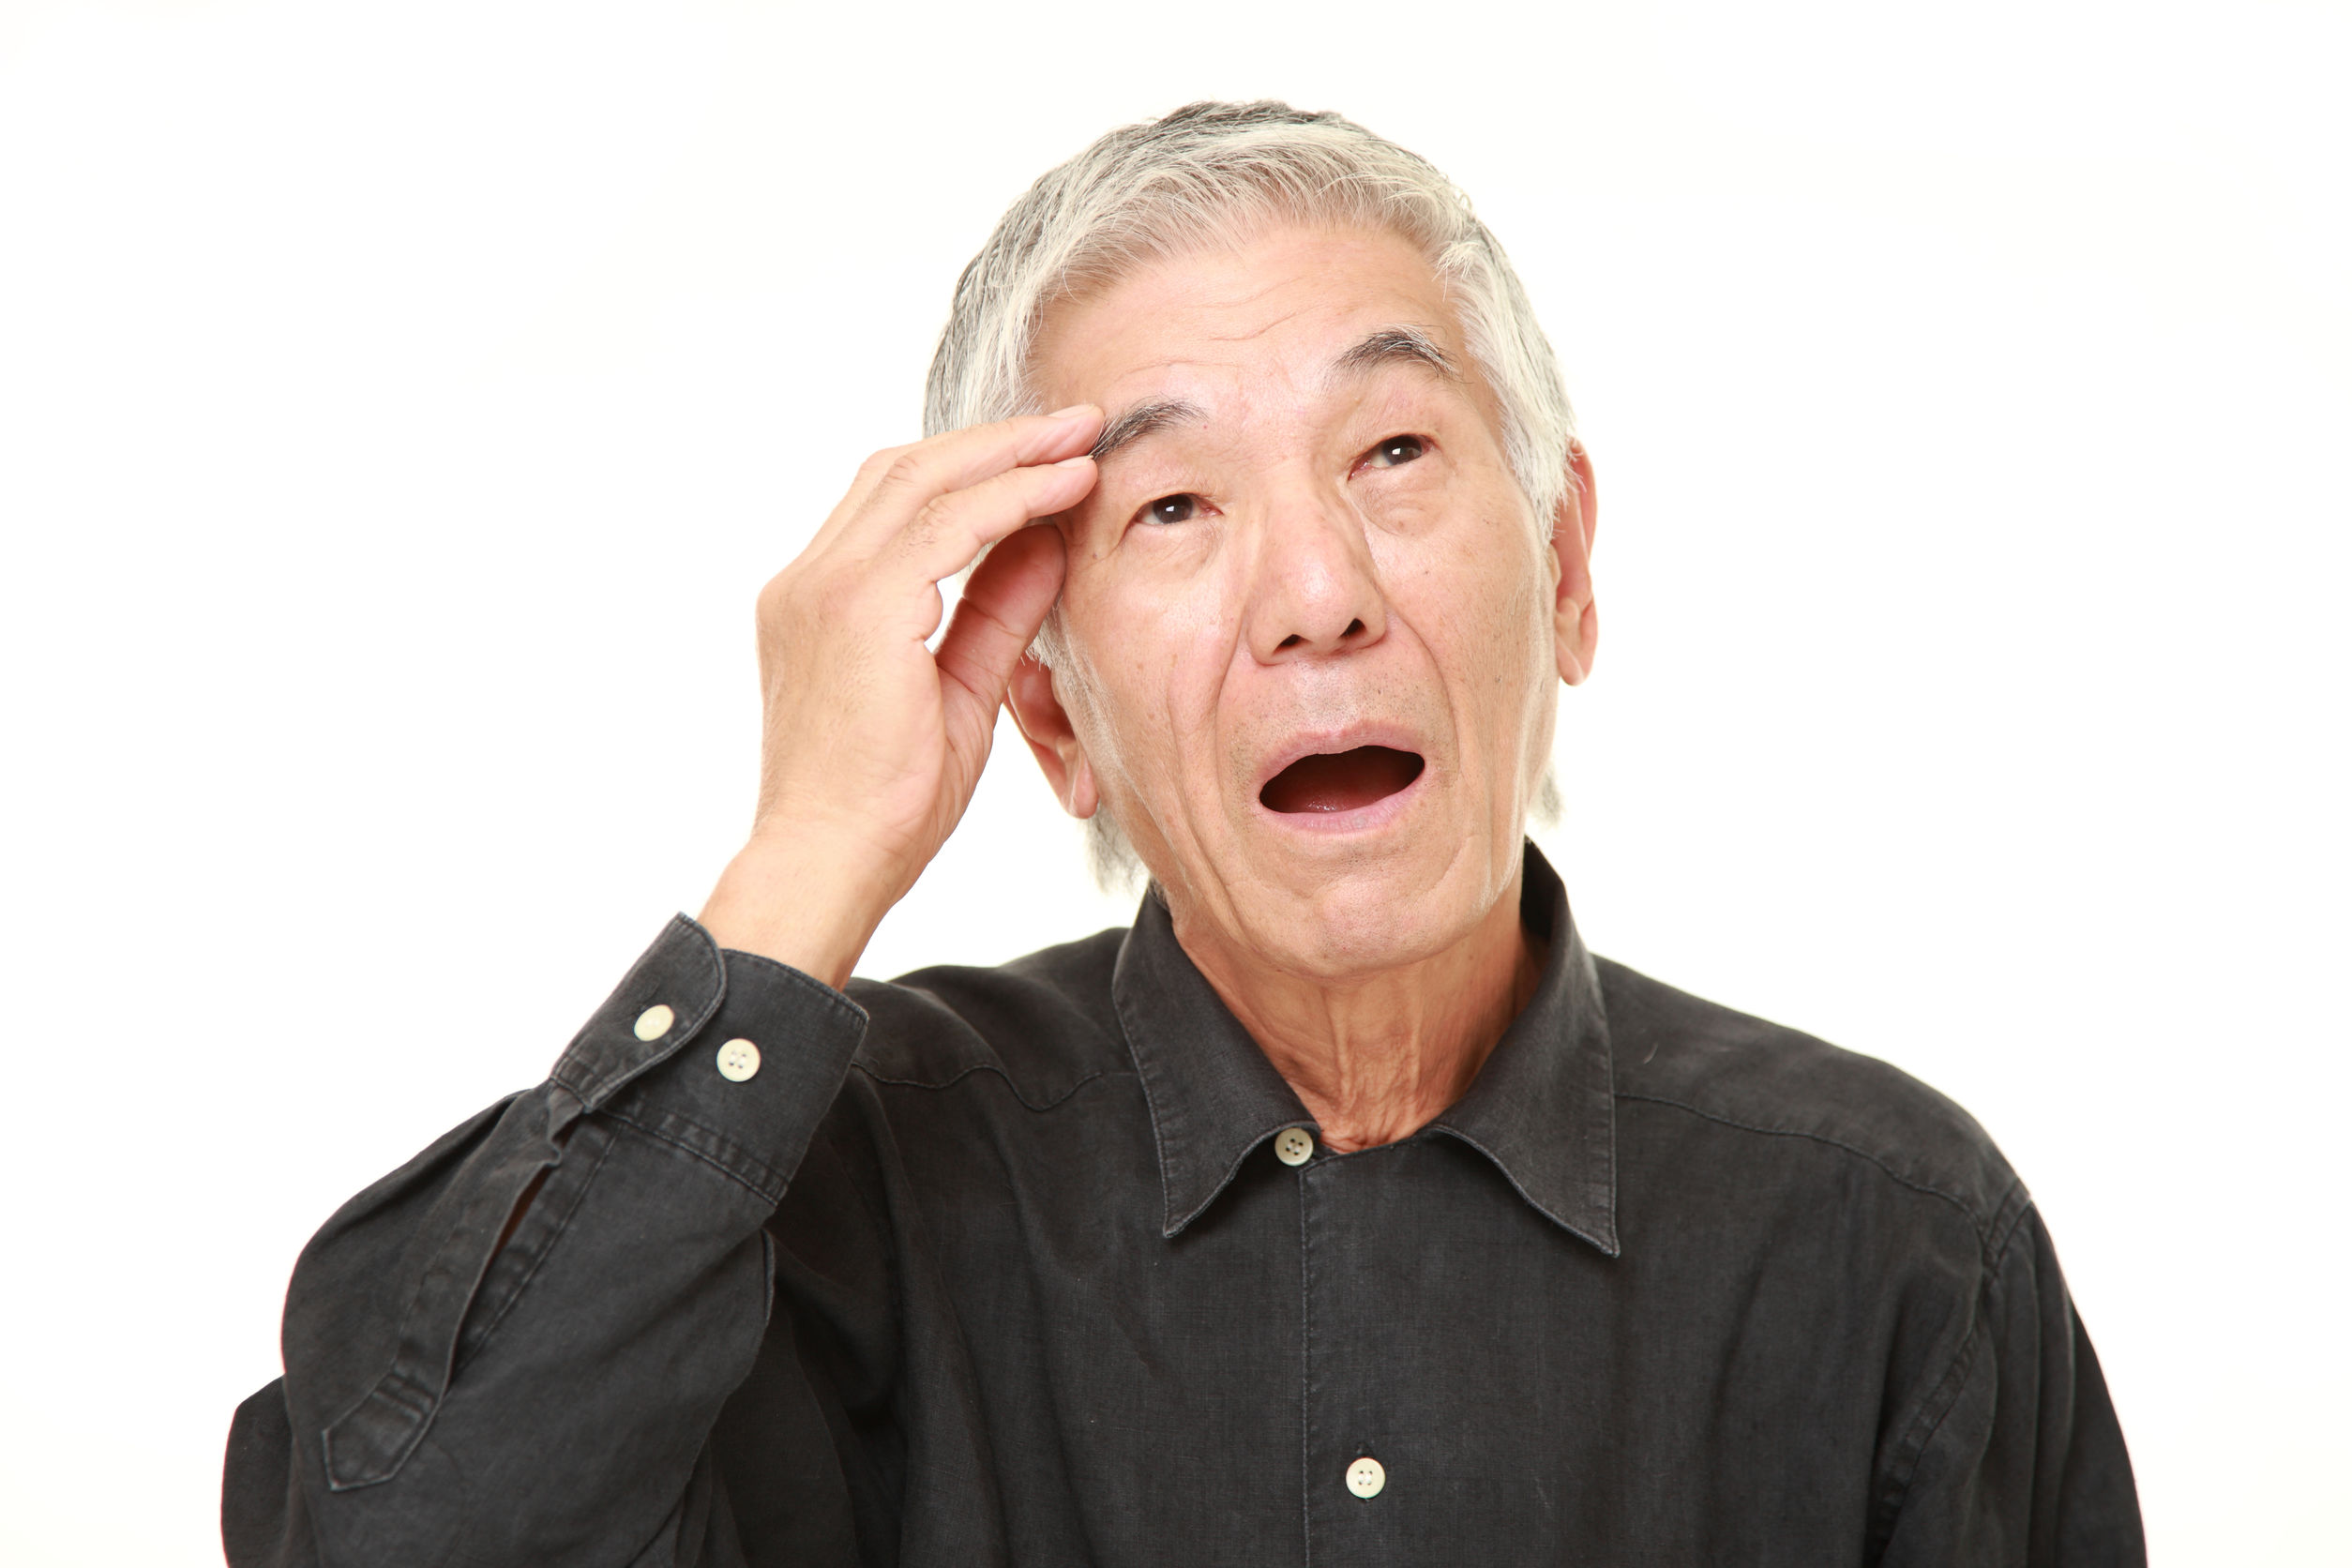 空氣污染會增加阿茲海默氏症的風險